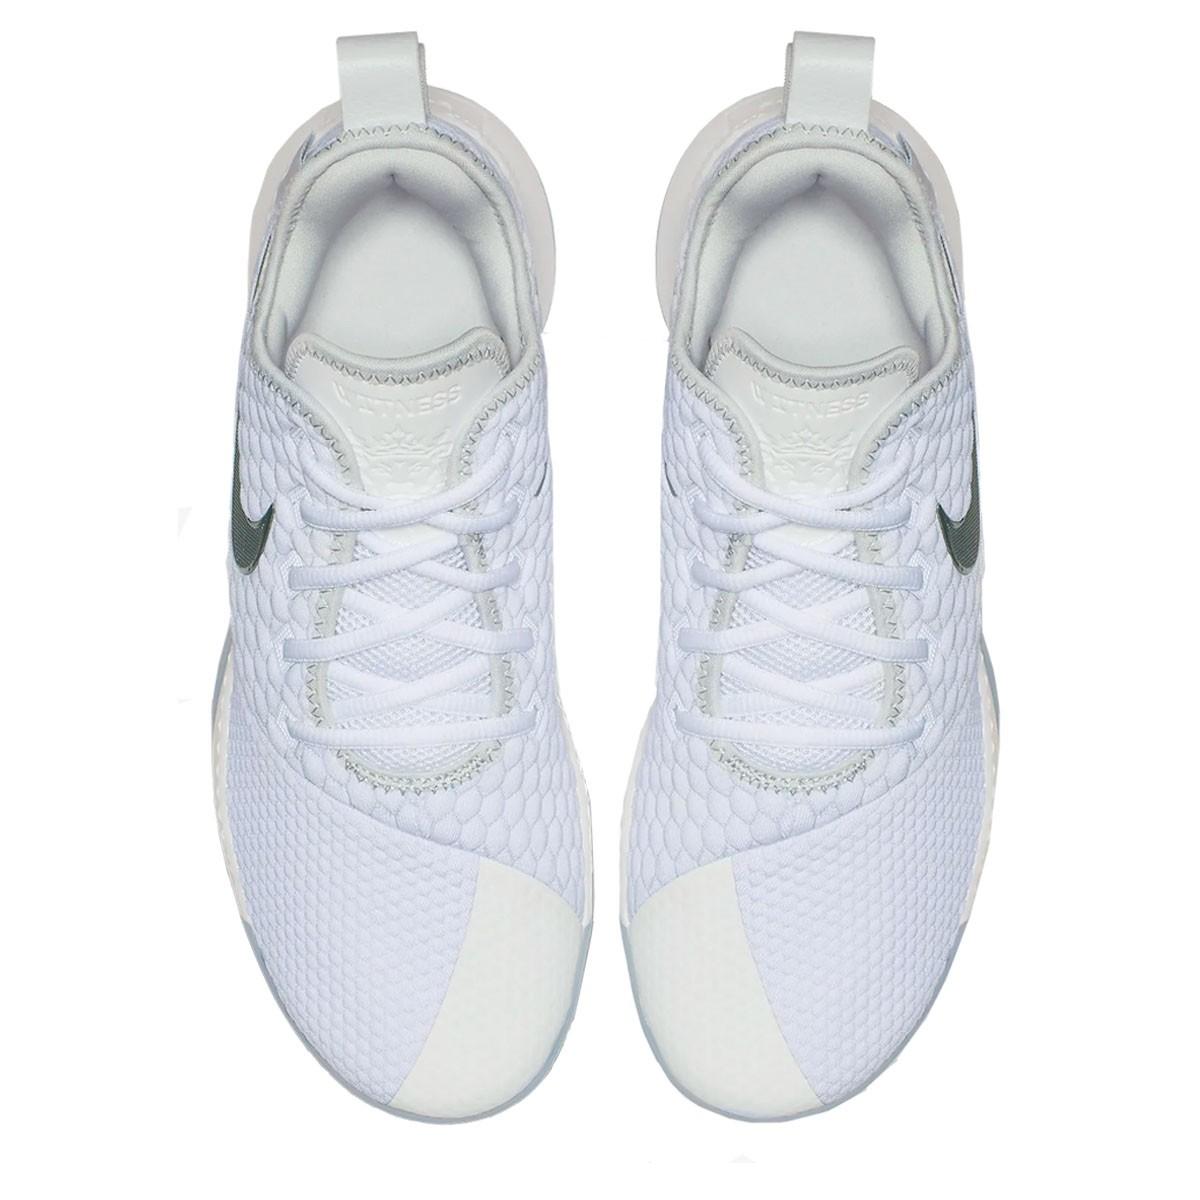 Nike Lebron Witness III 'White Ice' AO4433-101